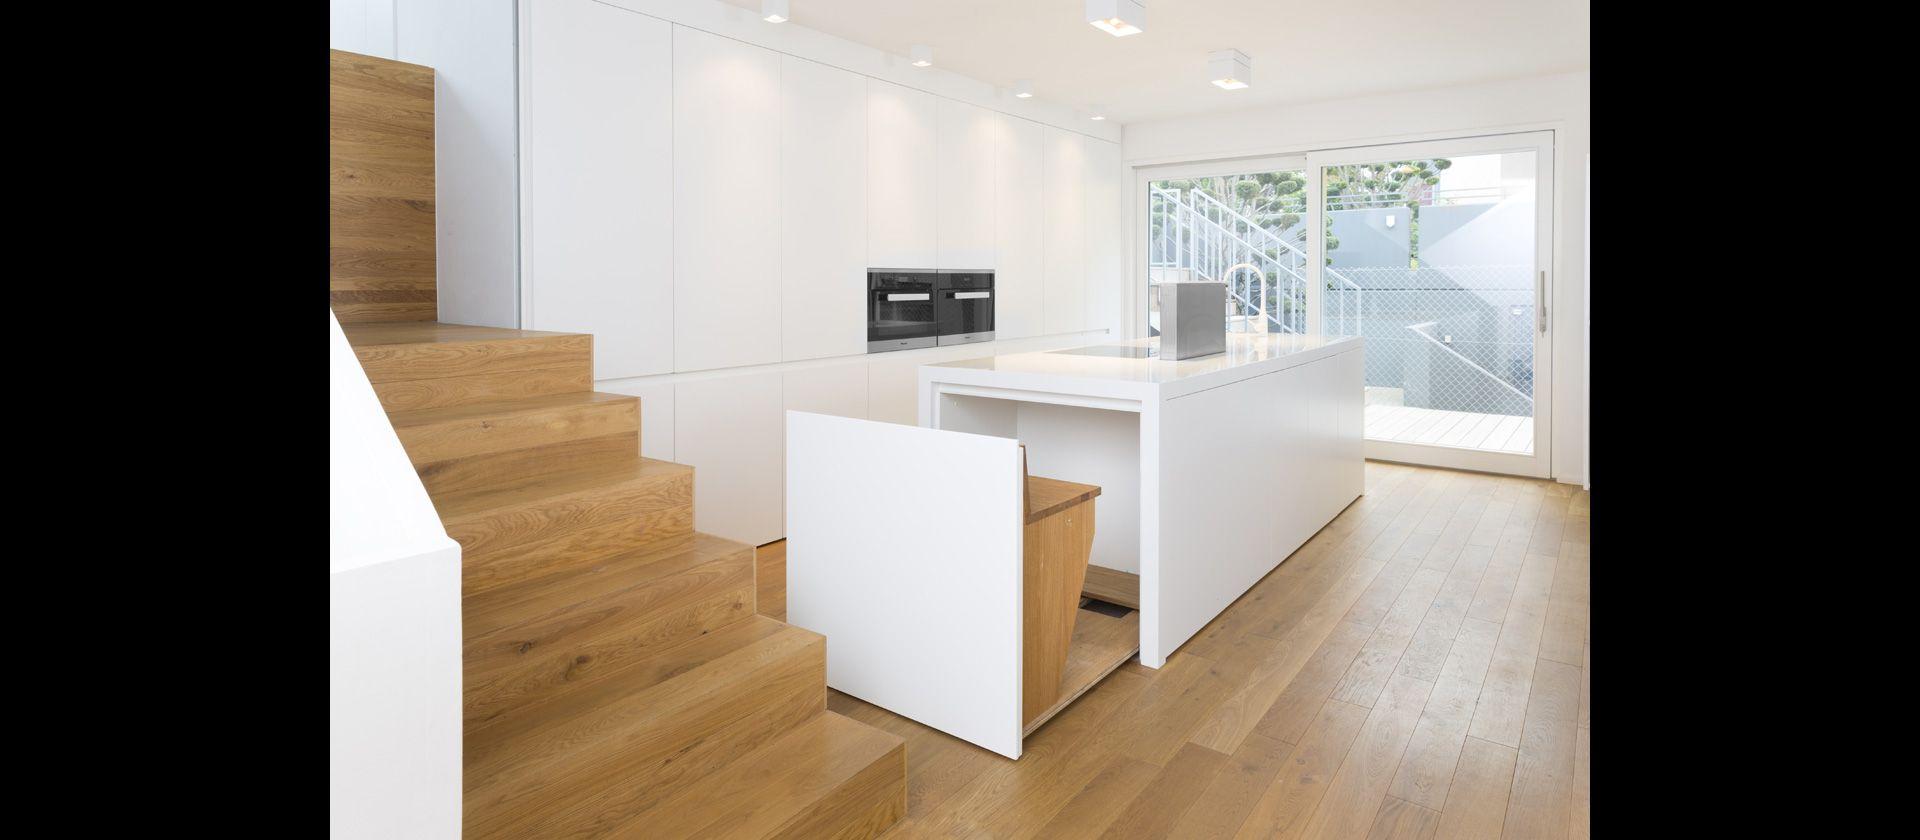 k che im wohnraum weiss gl nzend eiche natur. Black Bedroom Furniture Sets. Home Design Ideas